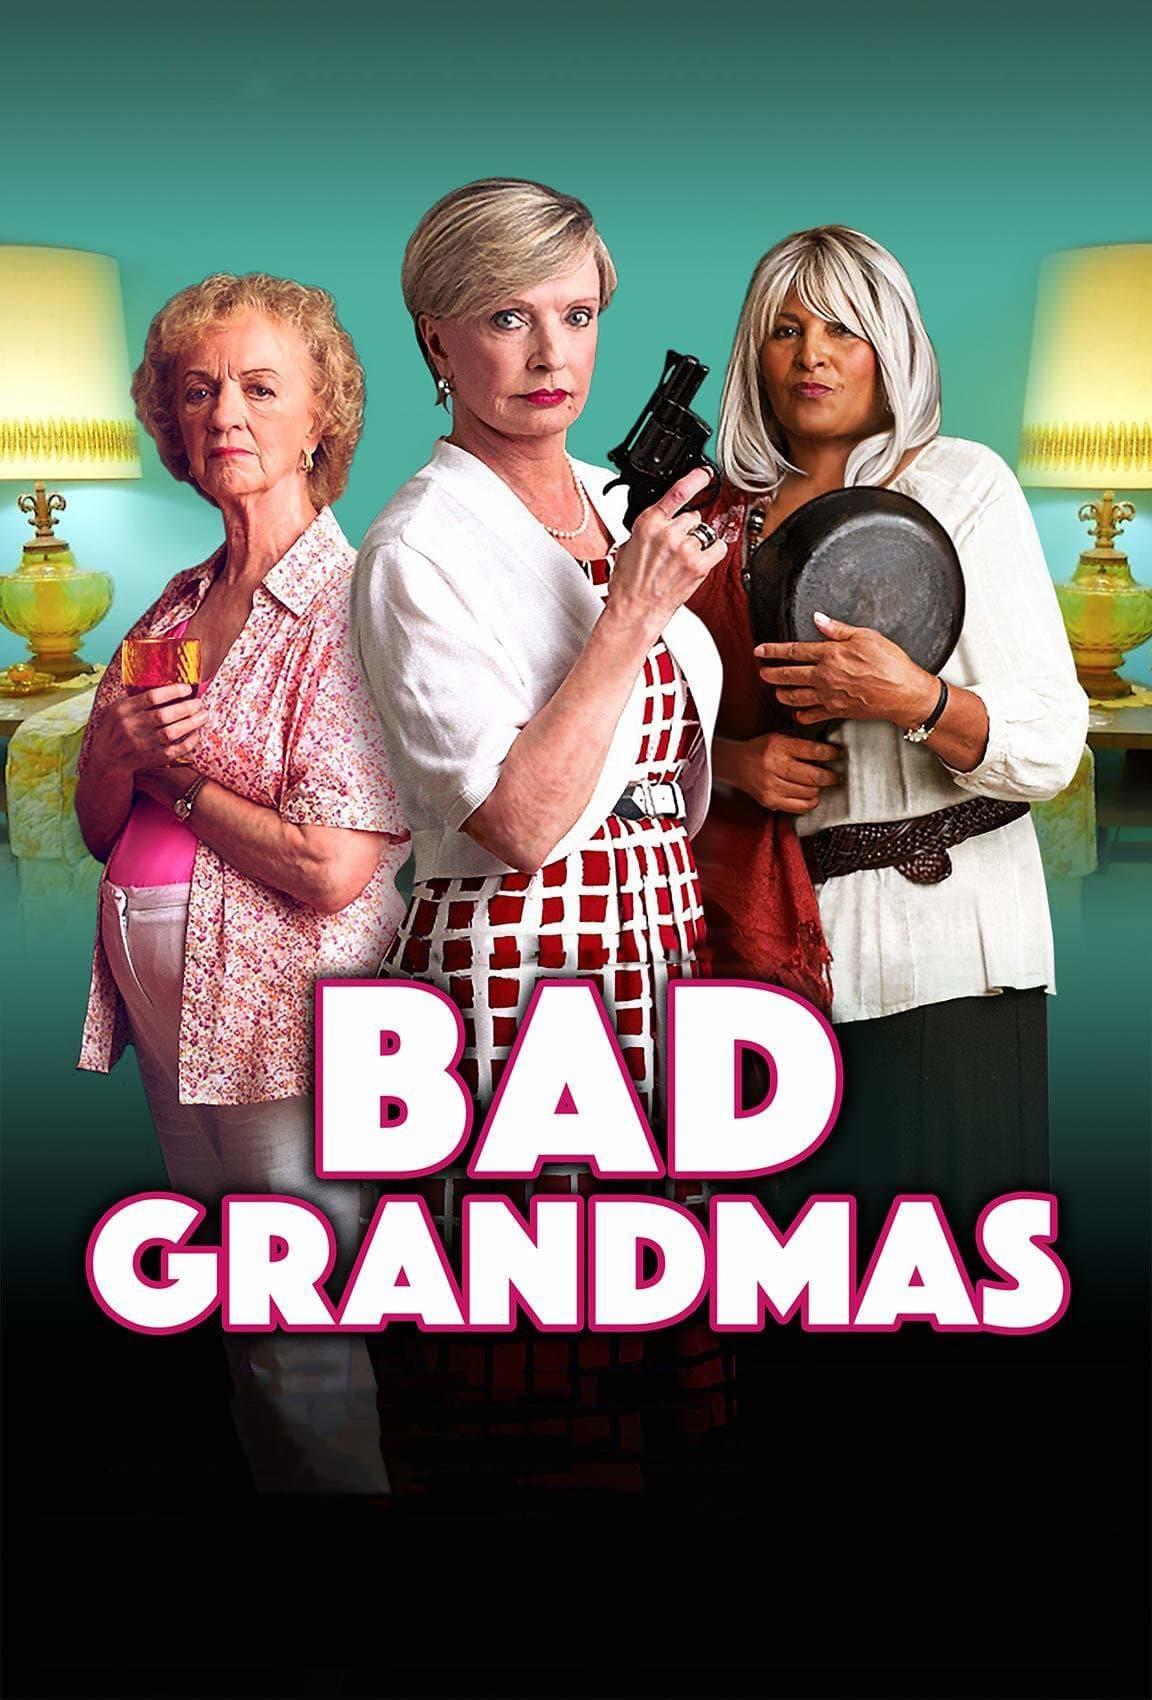 Regarder Bad Grandmas en streaming gratuit